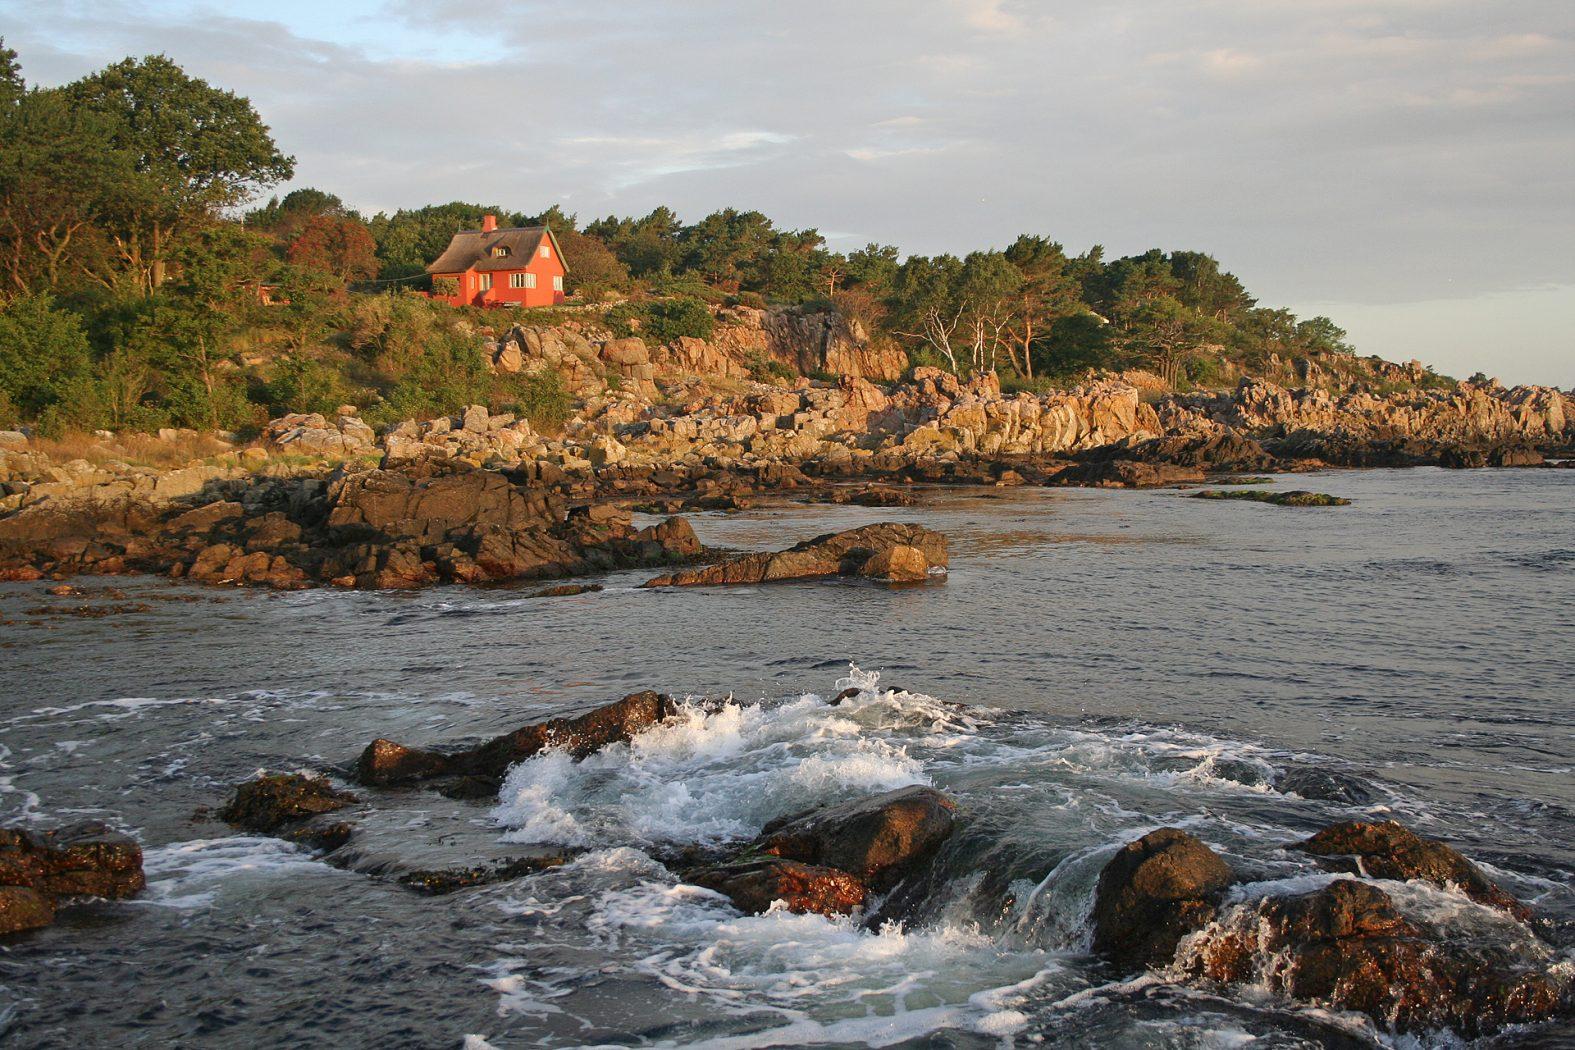 Angelplätze an der Nordküste von Bornholm